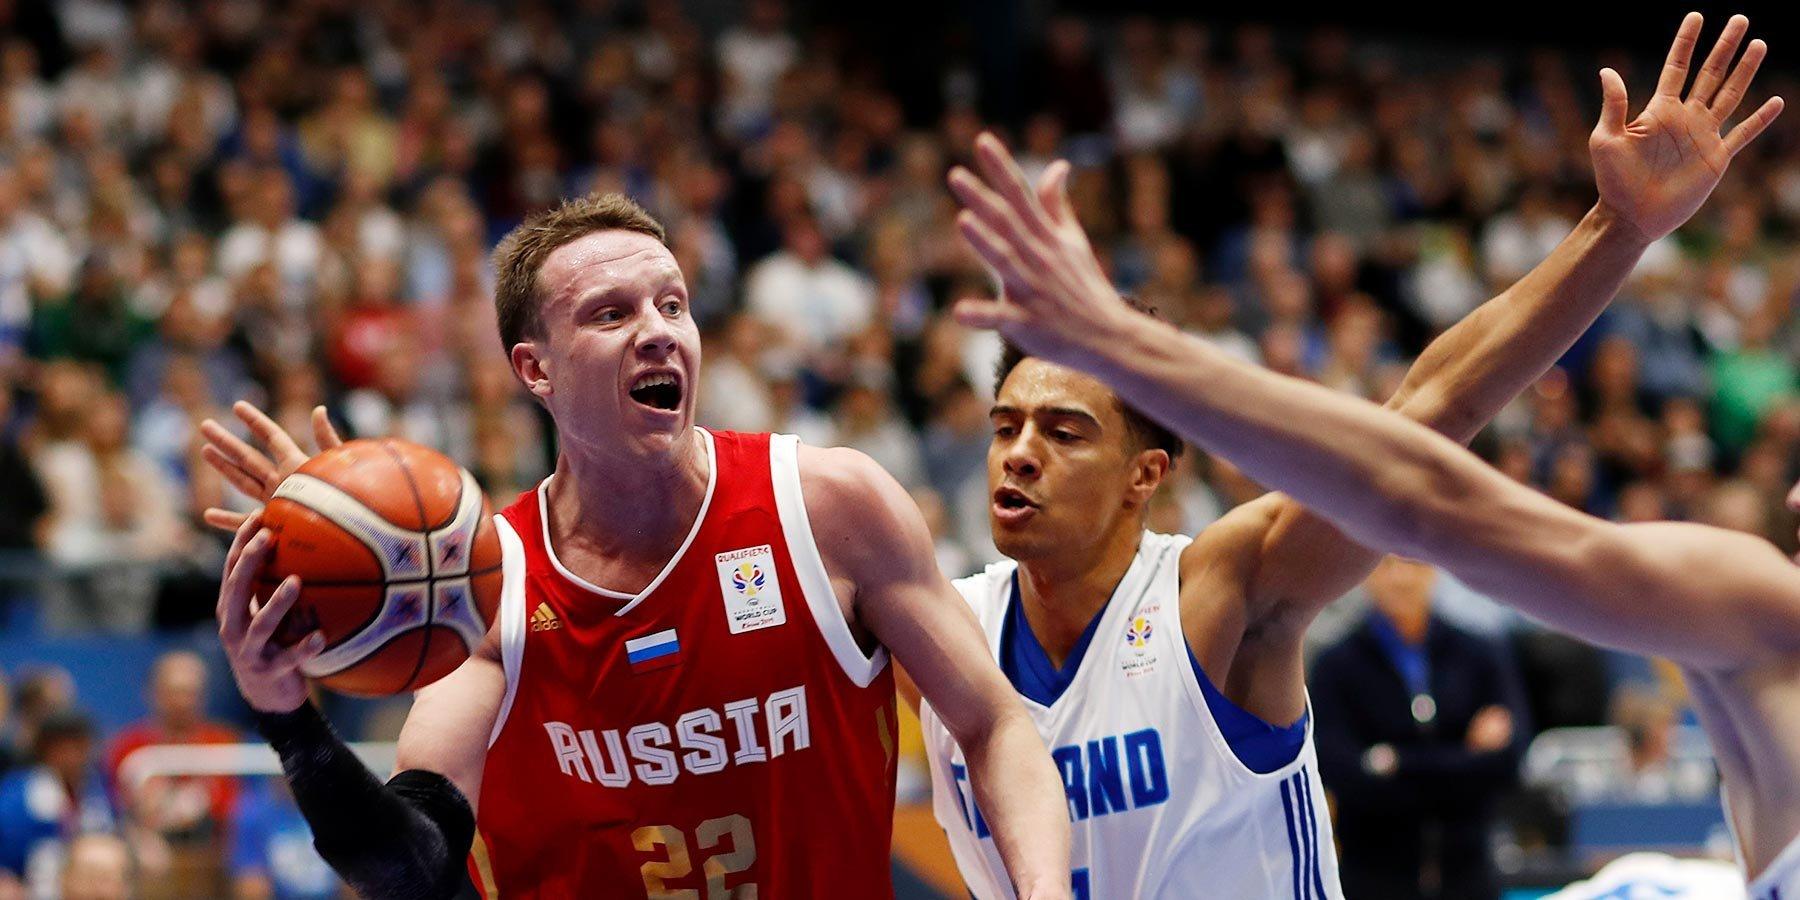 Никита Моргунов: «Без Кулагина сборной России будет сложно на чемпионате мира»